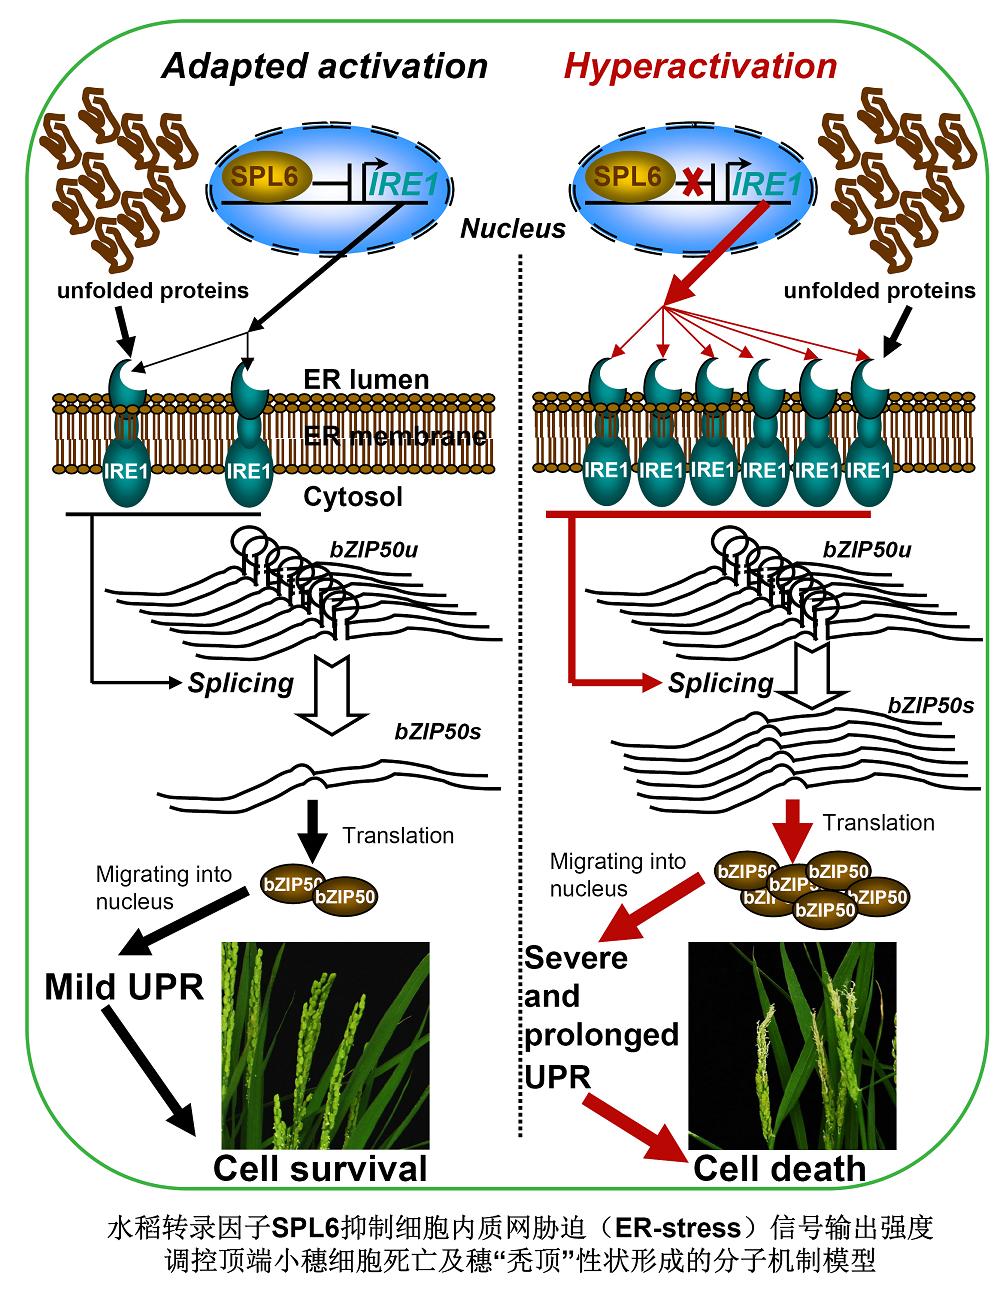 SPL6-IRE1决定水稻穗发育过程中的细胞存活命运